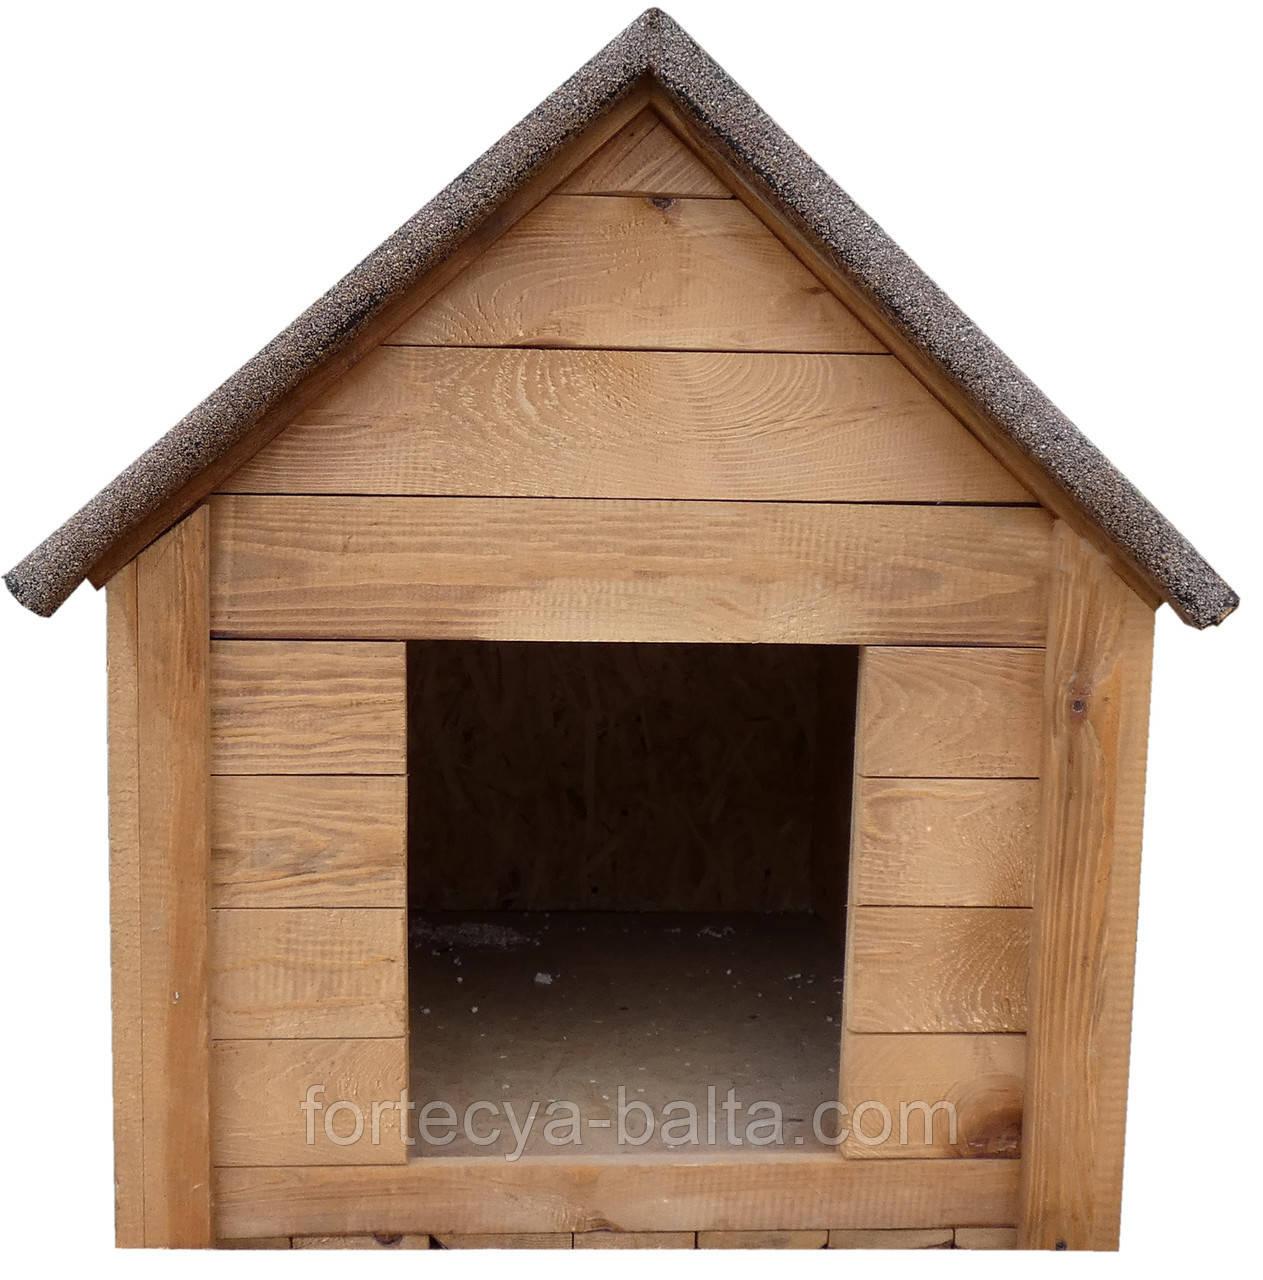 Будка для собаки Фортеця №1 средняя с утеплением 930*640*830 сосна 8640473